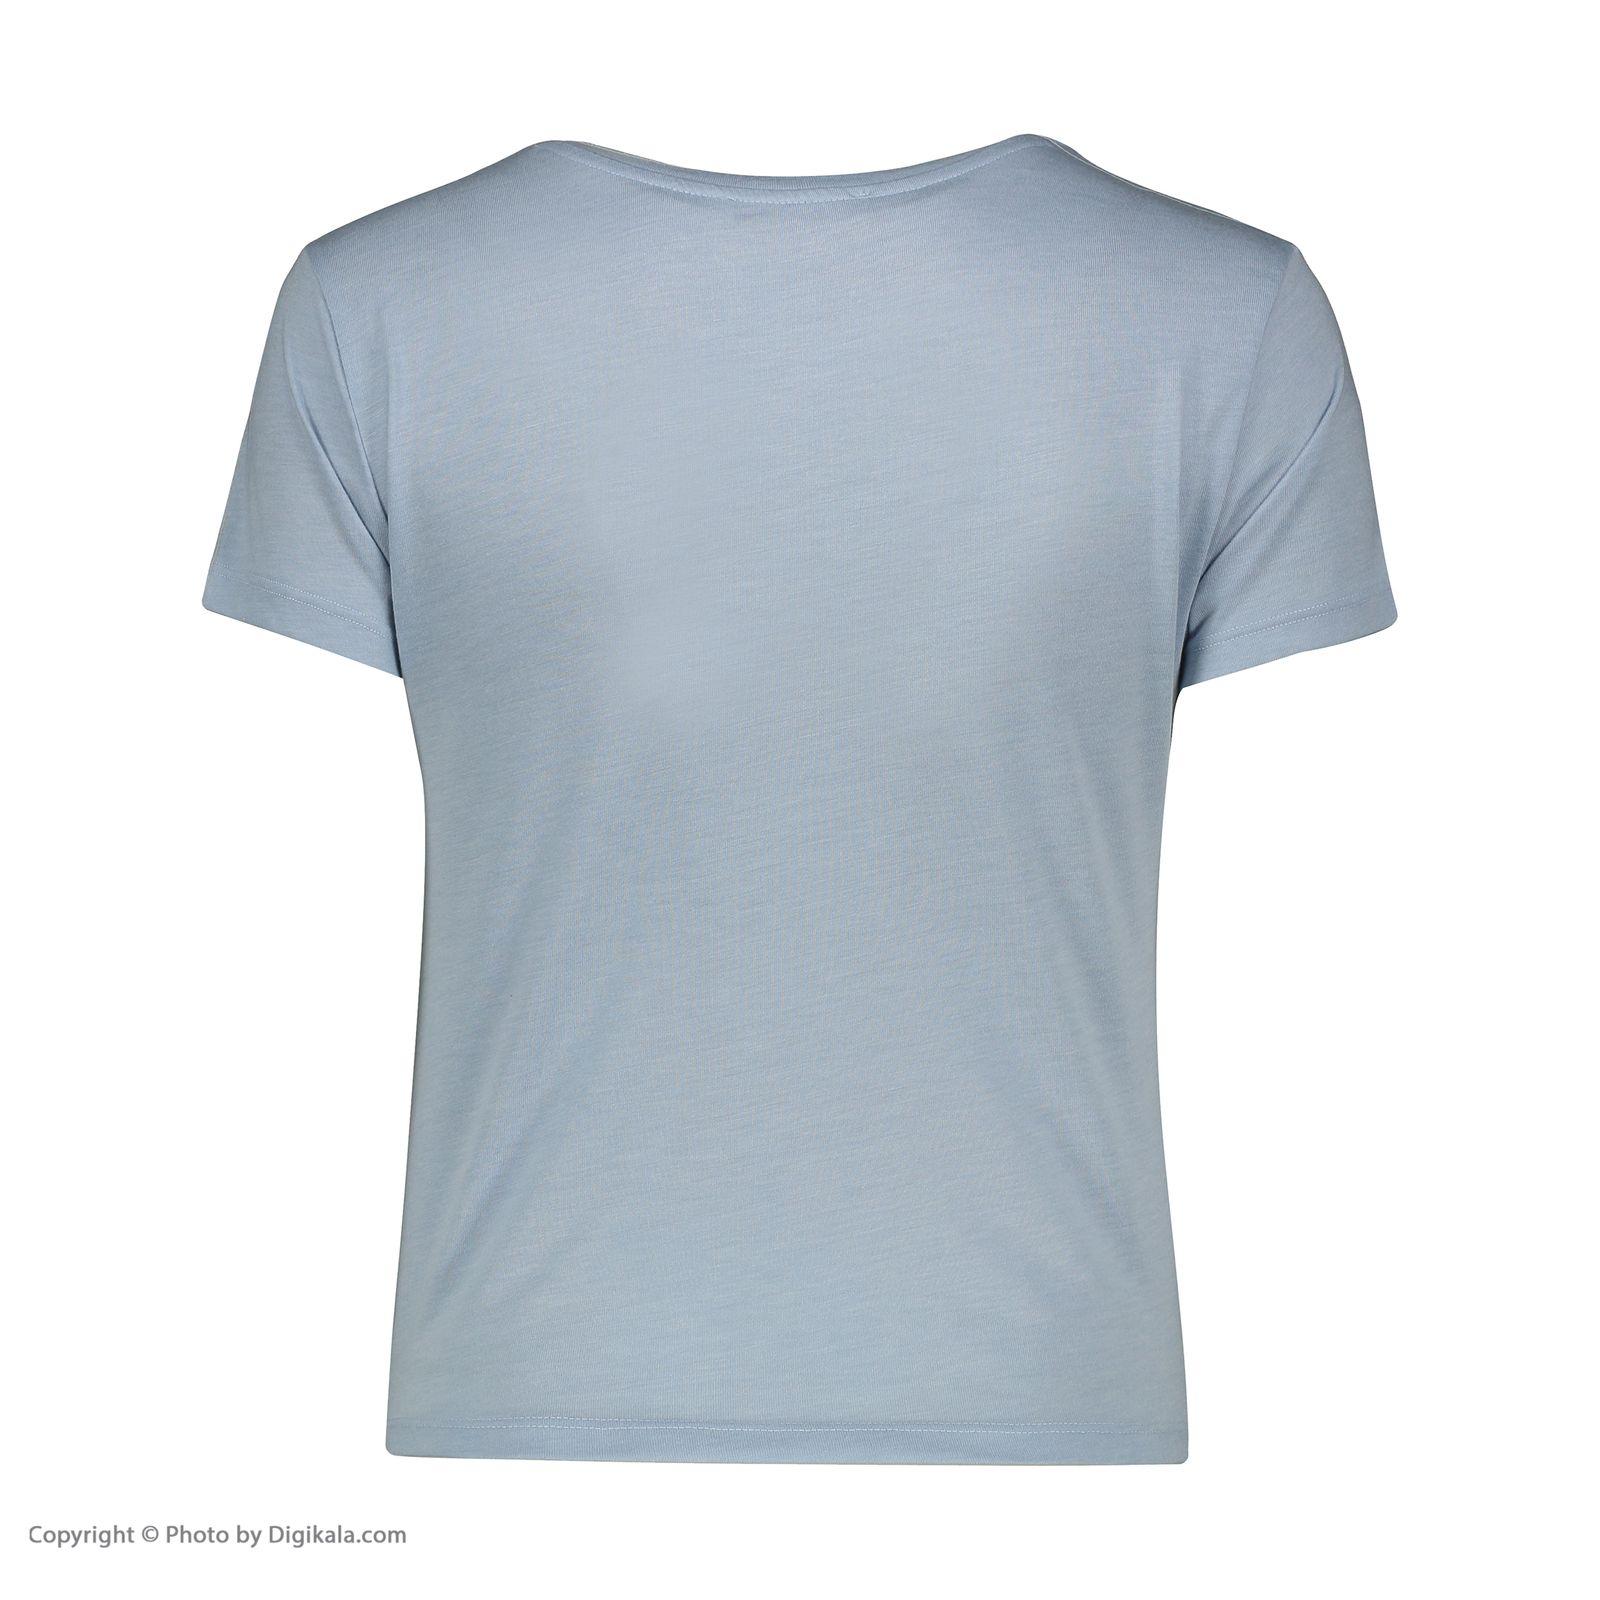 تی شرت زنانه کالینز مدل CL1032901-BLE main 1 3